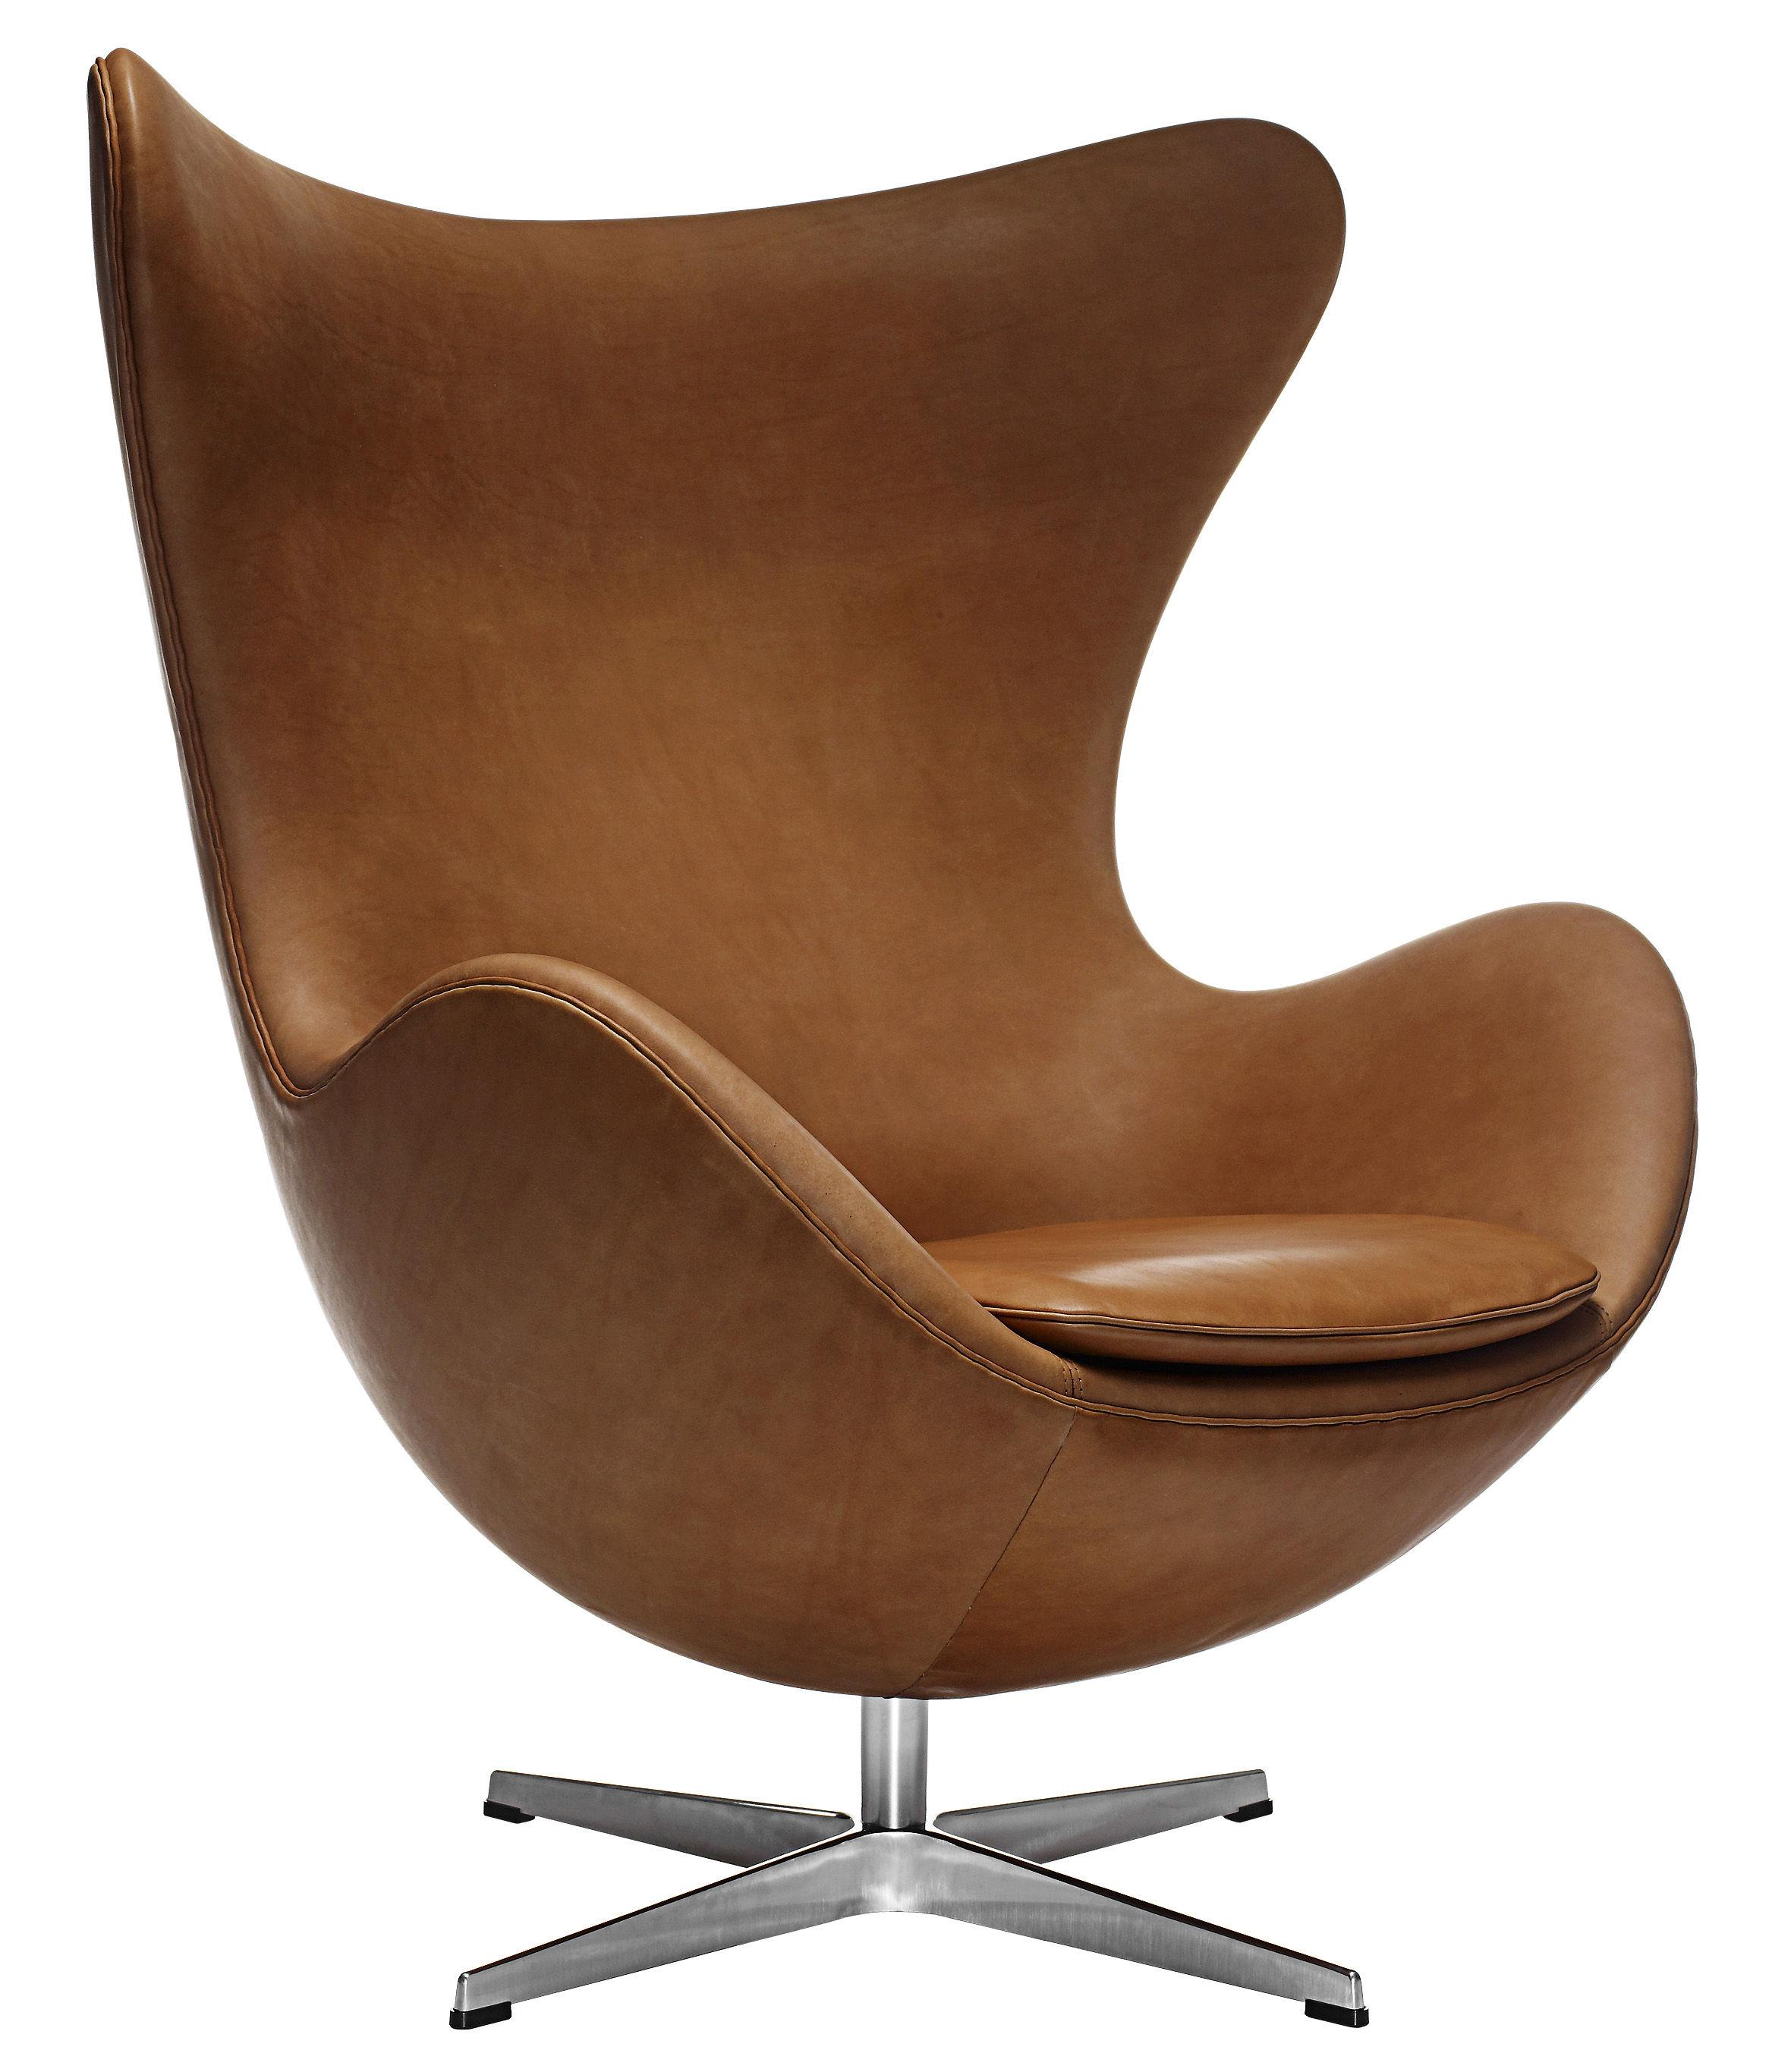 Arredamento - Poltrone design  - Poltrona girevole Egg chair - pelle di Fritz Hansen - Pelle marrone - Alluminio lucido, Fibra di vetro, Pelle pieno fiore, Schiuma di poliuretano